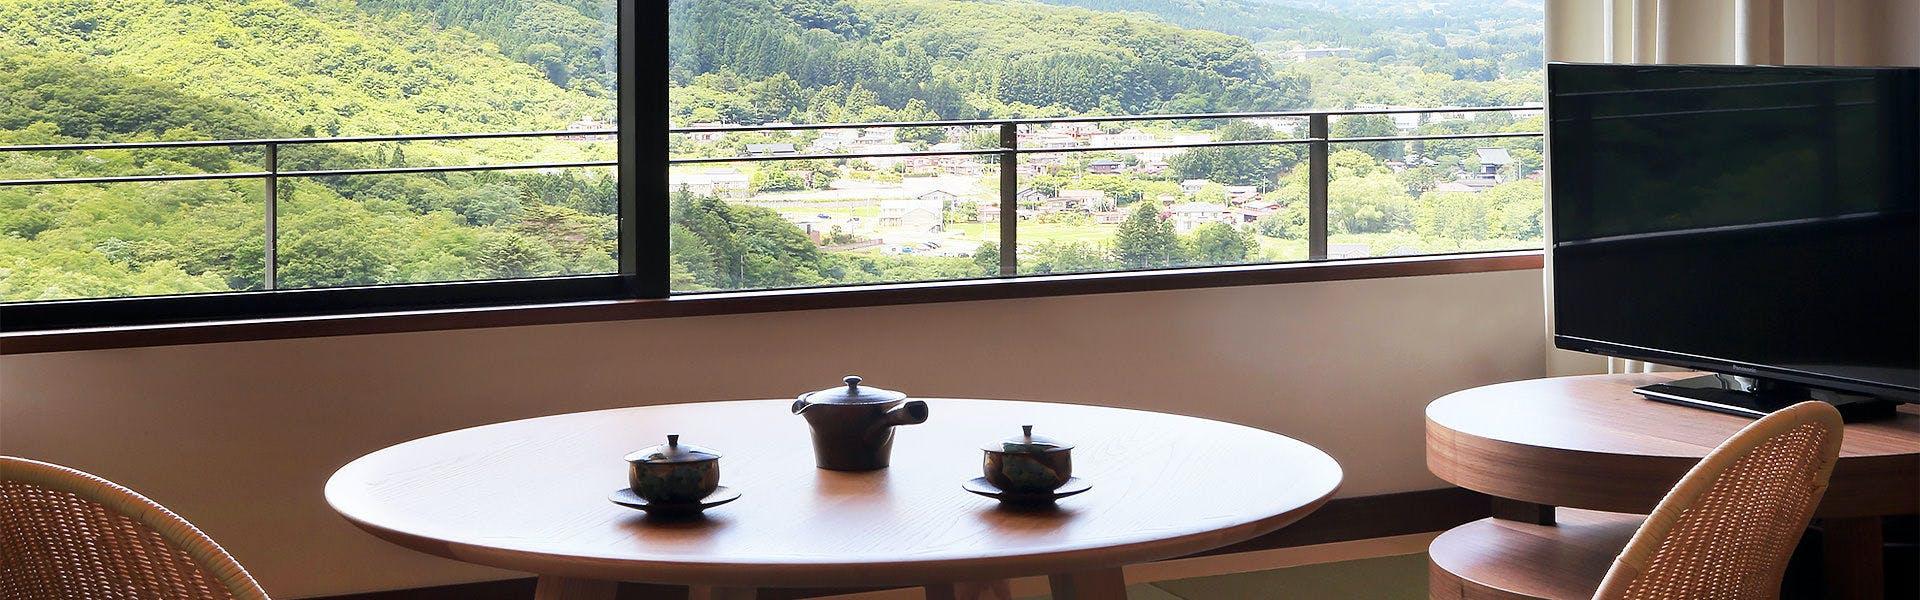 記念日におすすめのホテル・仙台 秋保温泉 篝火の湯 緑水亭の写真3